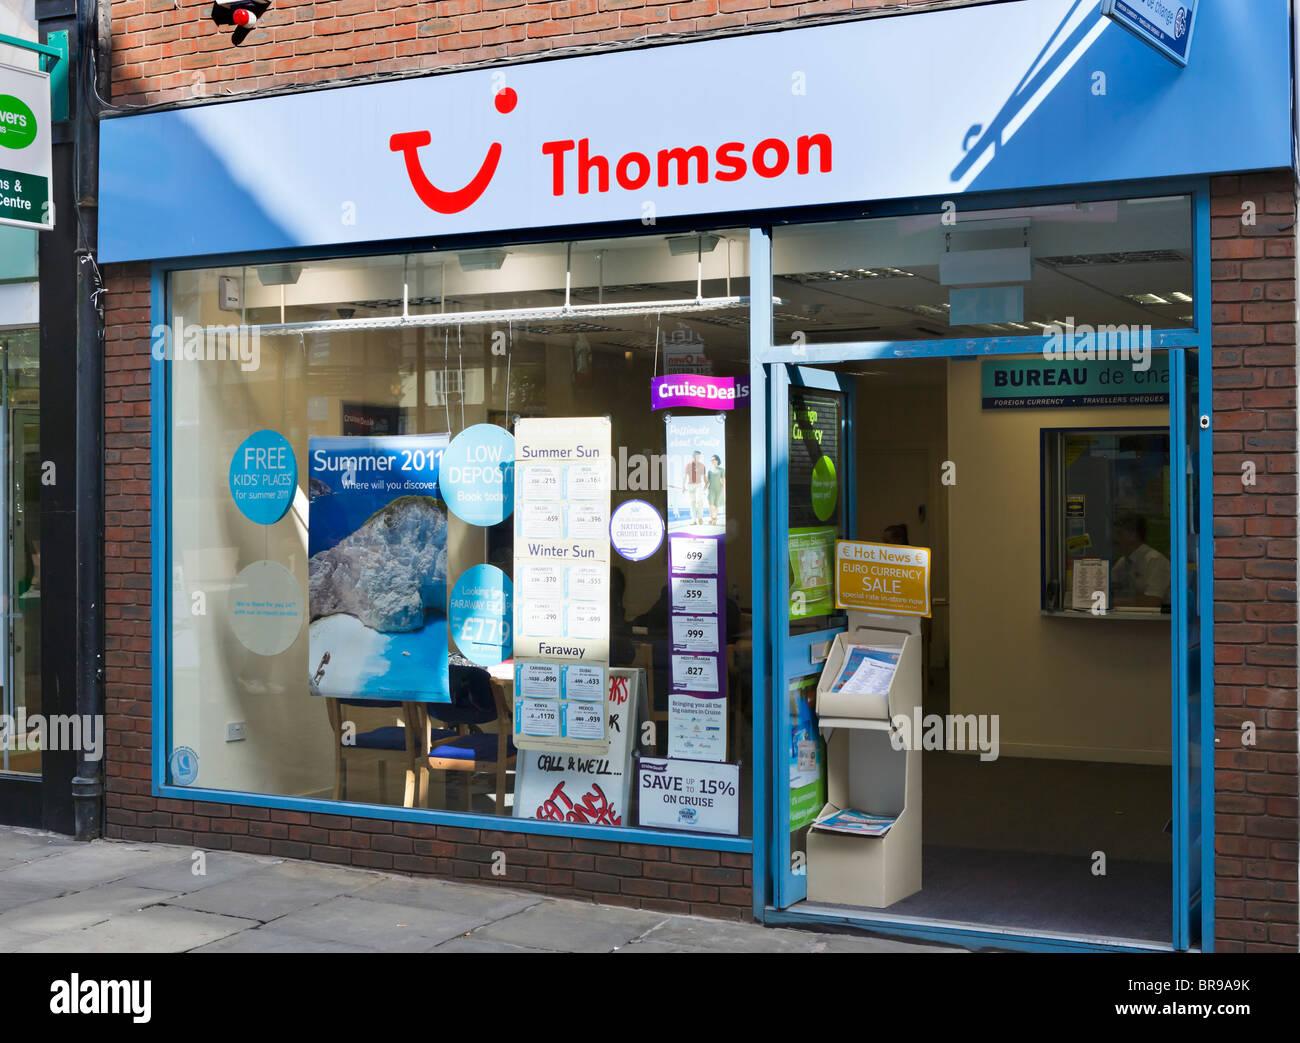 Thomson high street agenzia di viaggi di Chester Town Center, Cheshire, Inghilterra, Regno Unito Immagini Stock